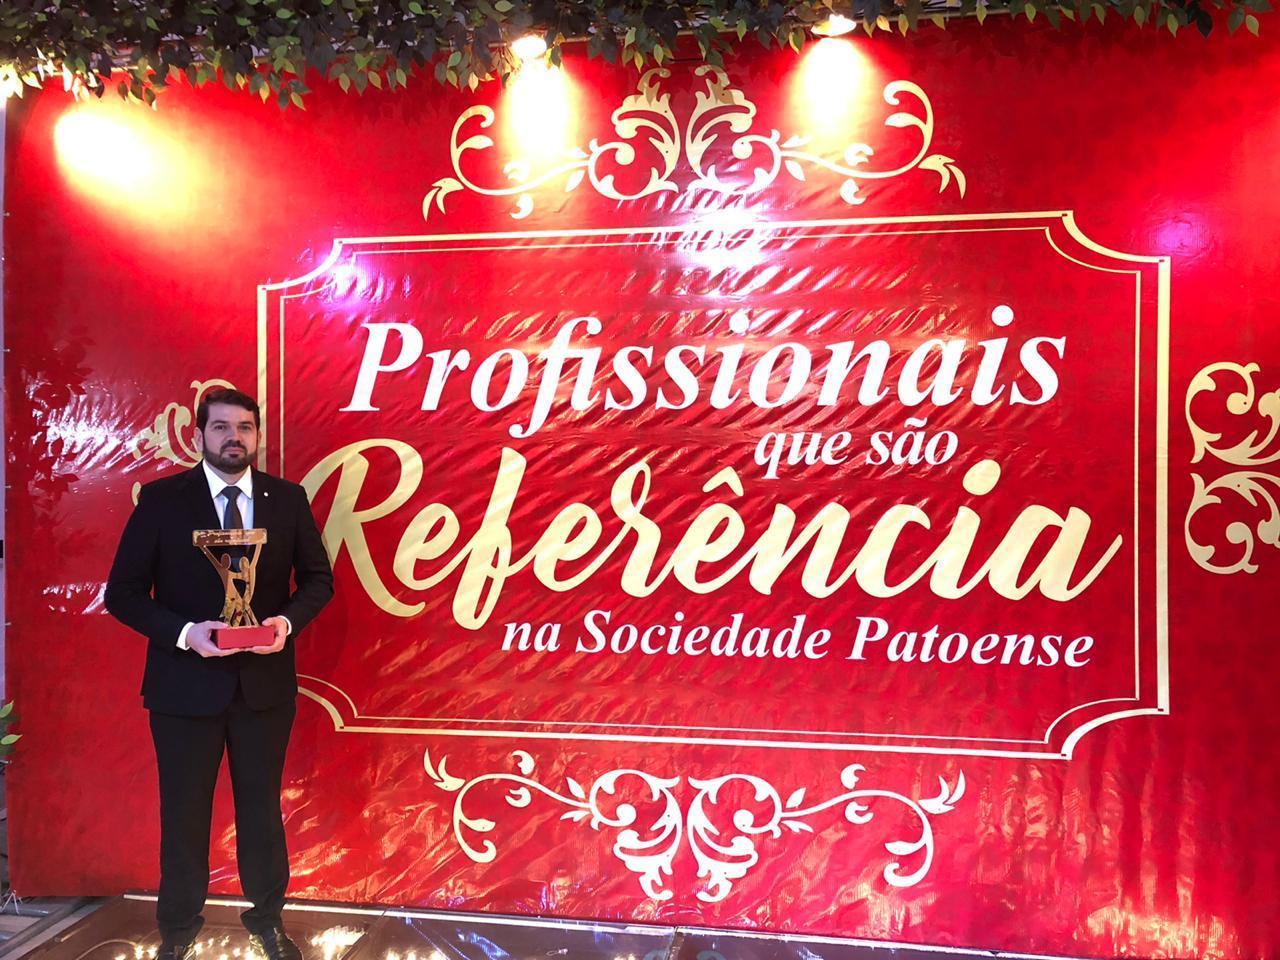 PHOTO 2019 10 28 16 09 21 - Atuação profissional do 1° vice-presidente do Creci-PB é referência na cidade de Patos